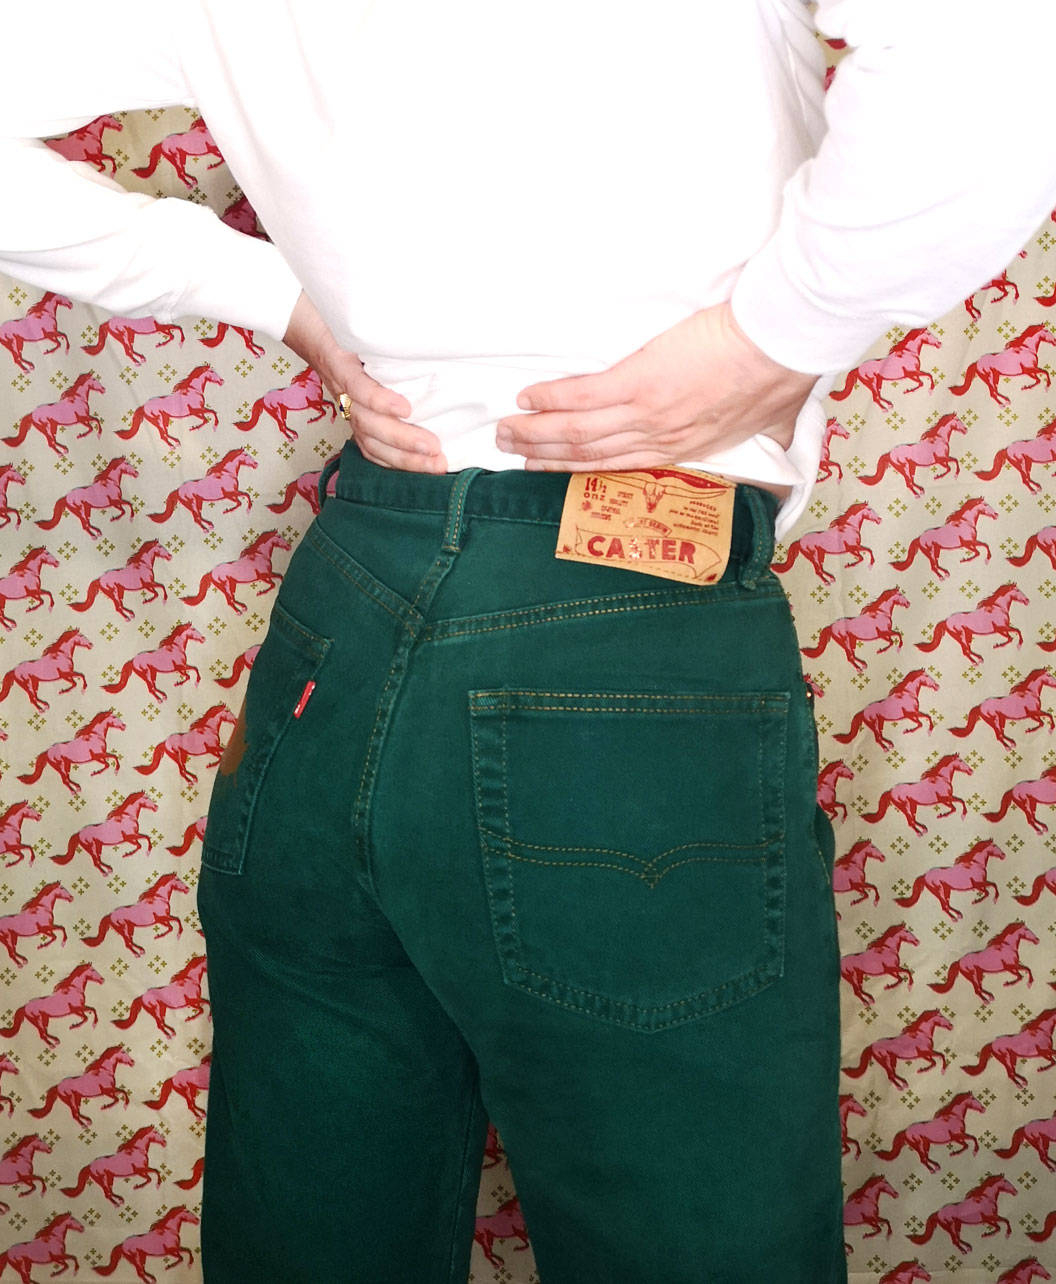 pantalones largos vintage originales caster verdes intervenidos arte ojo dorado corazon rojo ver con el corazon